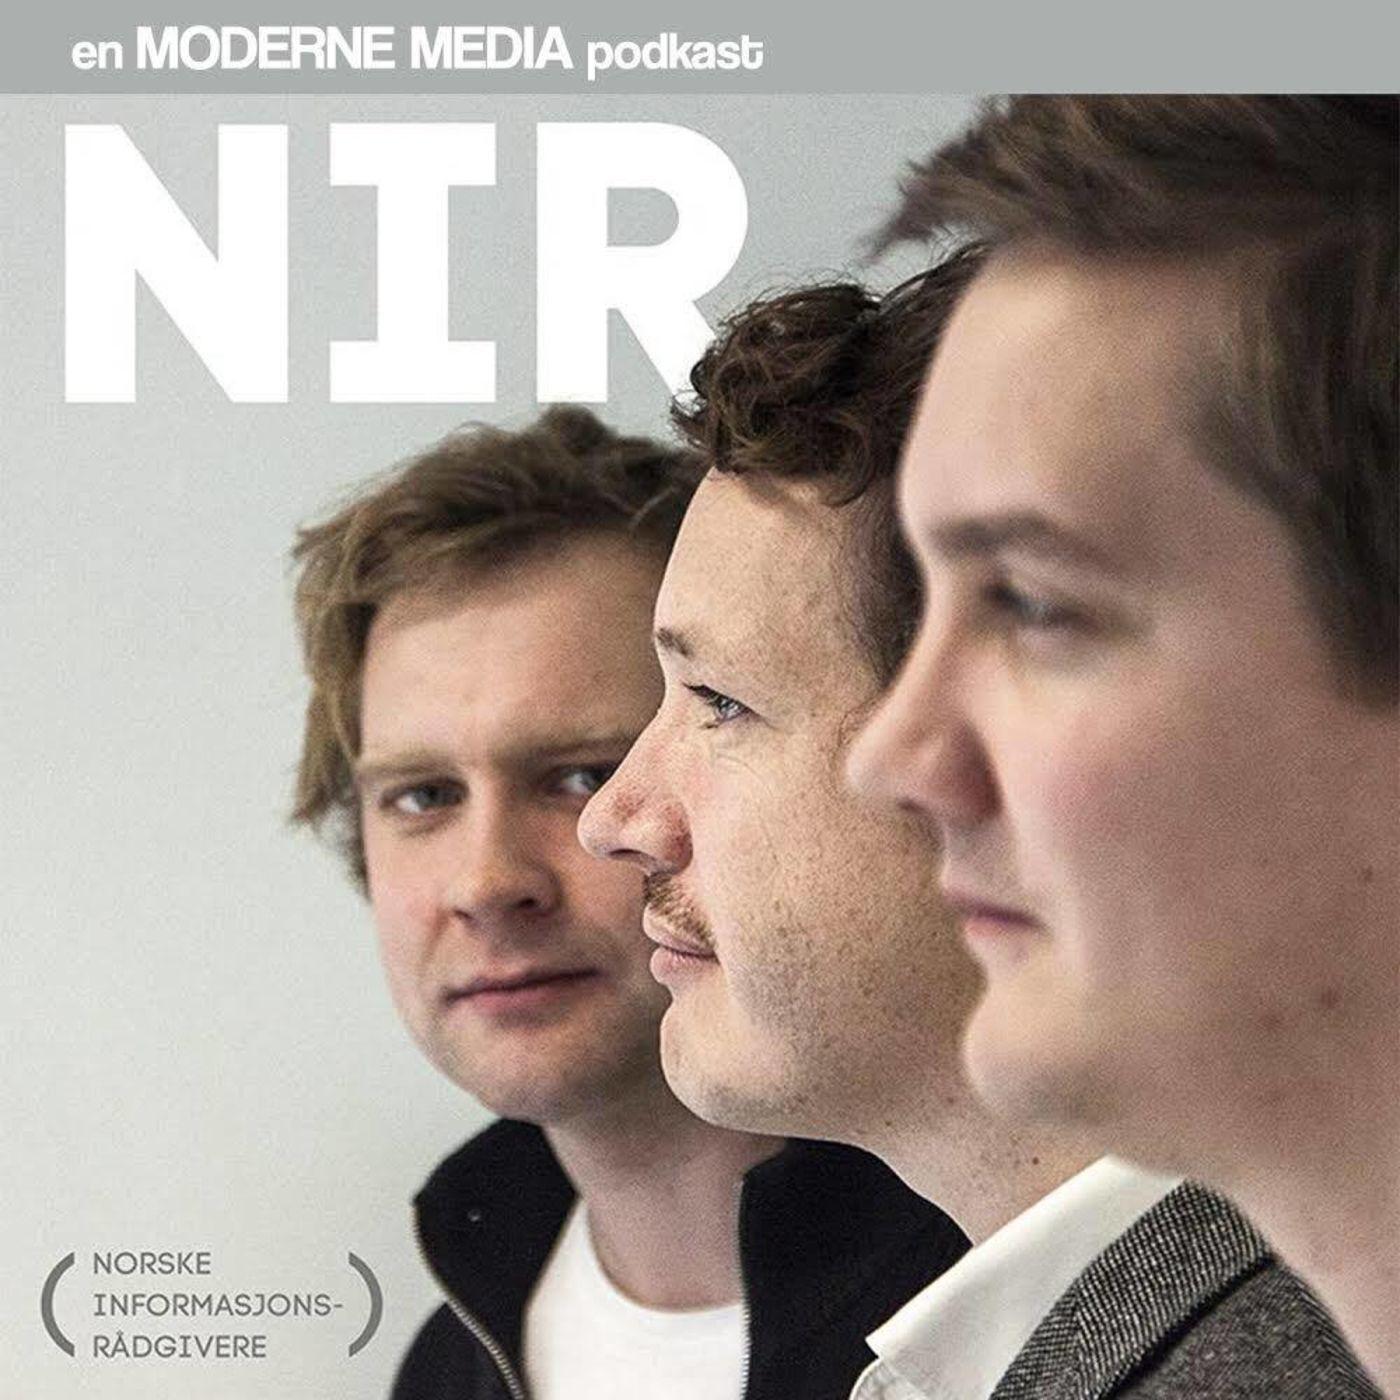 Norske informasjonsrådgivere